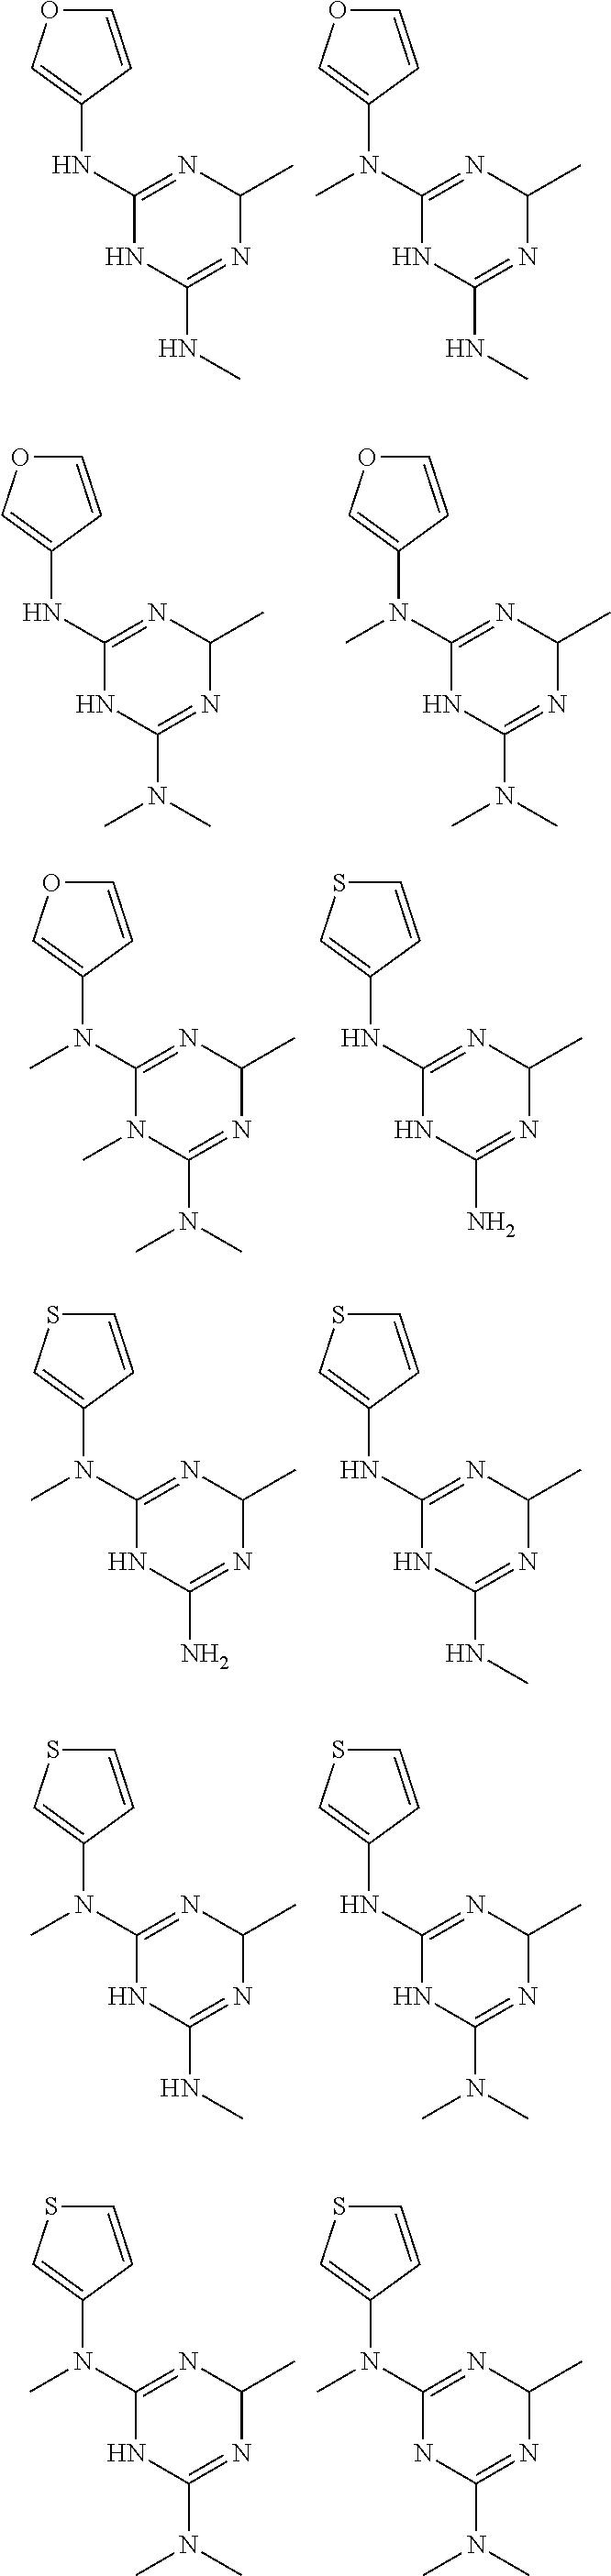 Figure US09480663-20161101-C00187